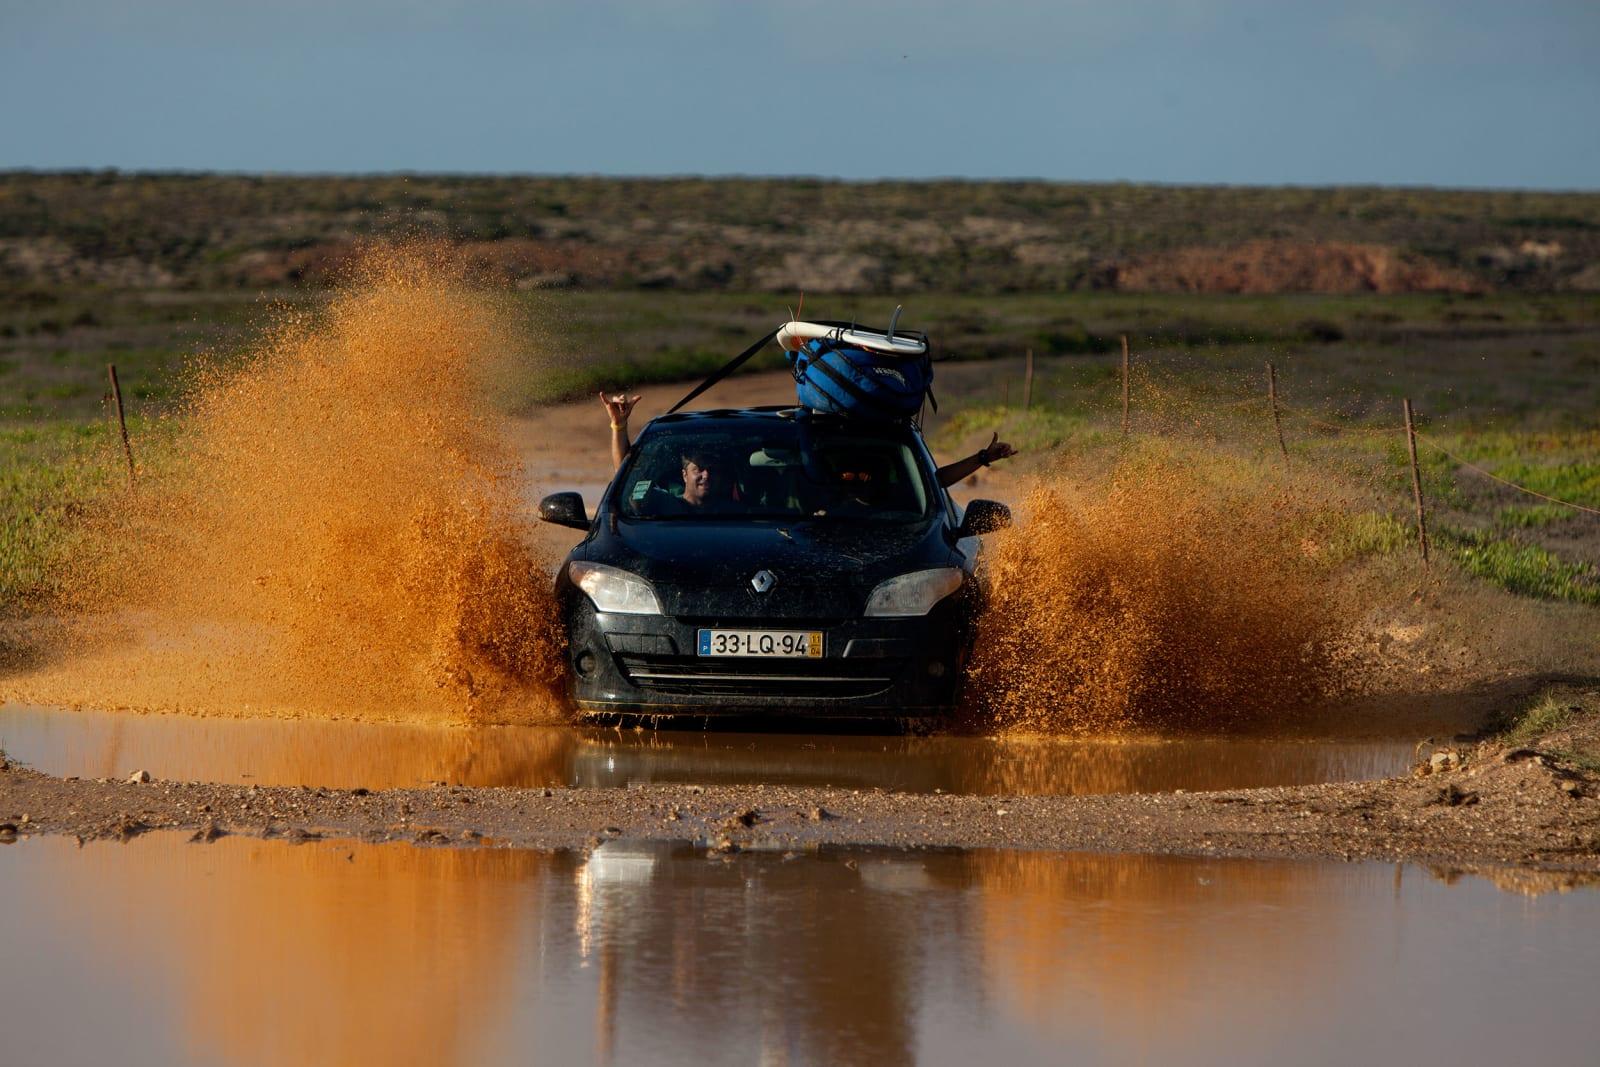 LIKSSOM-SUV: – Jeg viste ikke at det kunne regne så mye i Syden, sa Kris Arvesen (i passasjersetet) da han våknet opp i teltet etter en av få regntunge Algarve-netter. Like etterpå ble vestkystens virvar av grusveier saumfart for god surf. Steffen Holanger er sjåfør. Foto: Thomas Kleiven